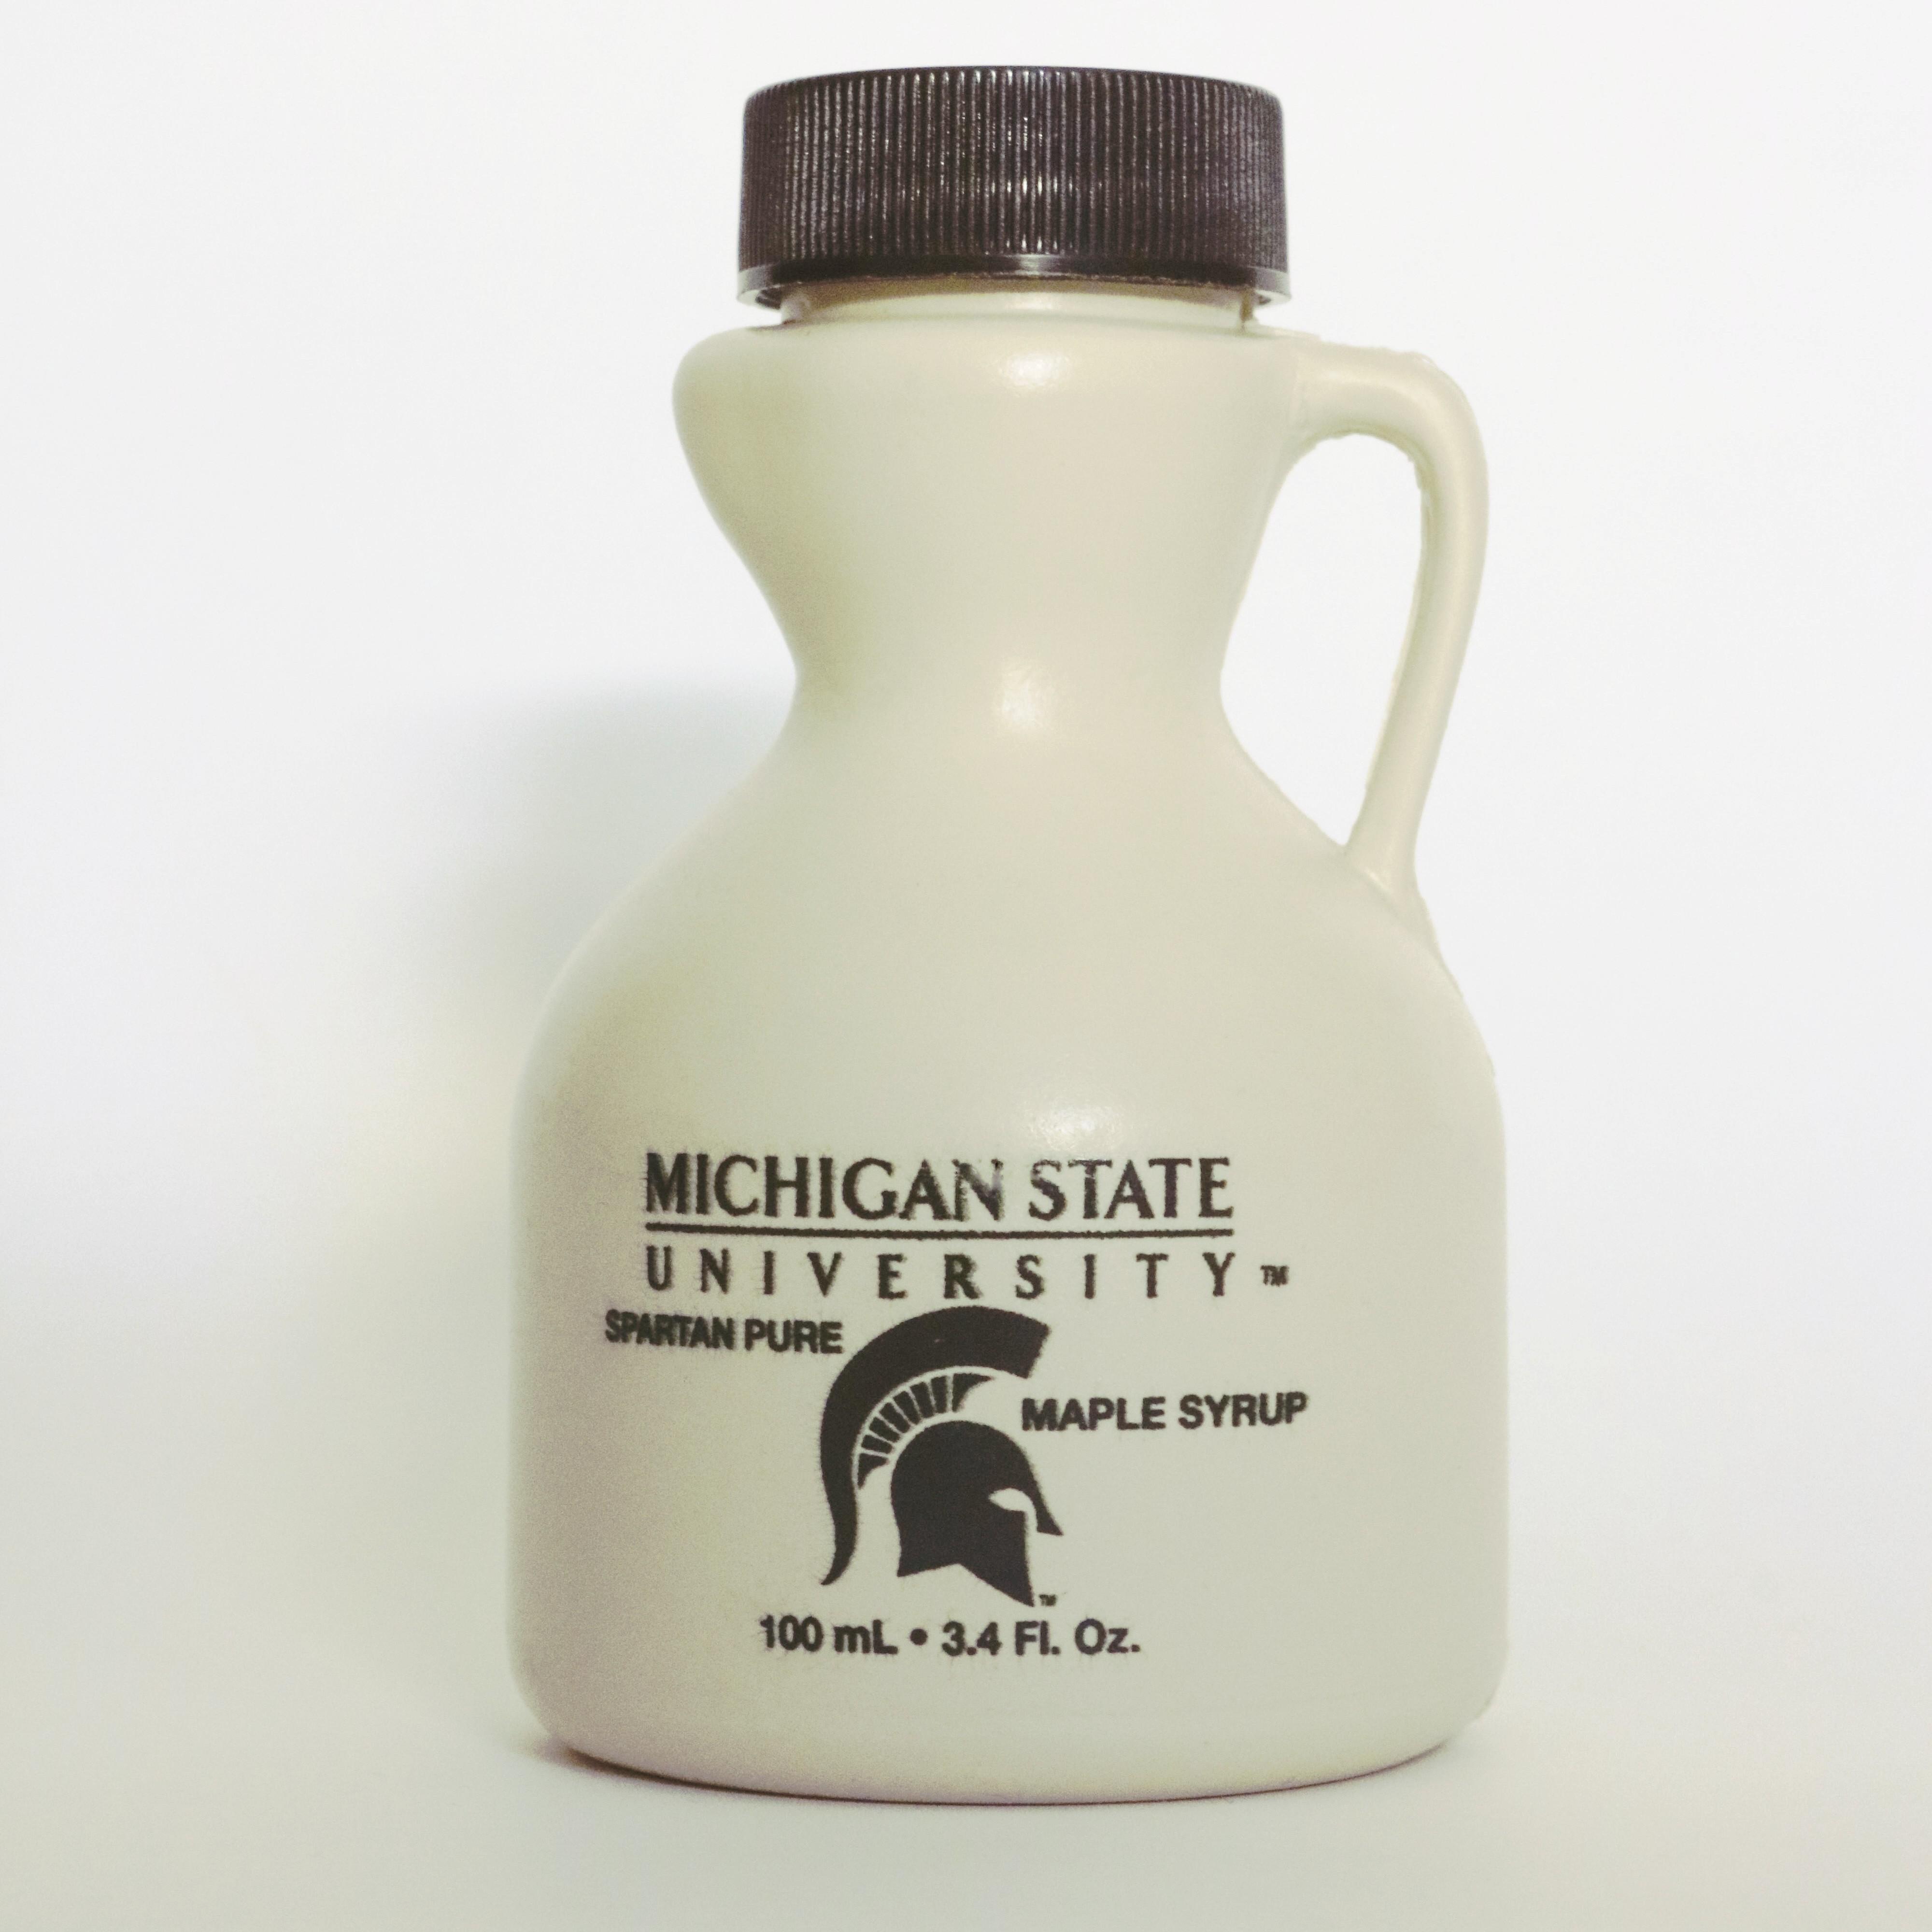 3.4oz MSU maple syrup jug